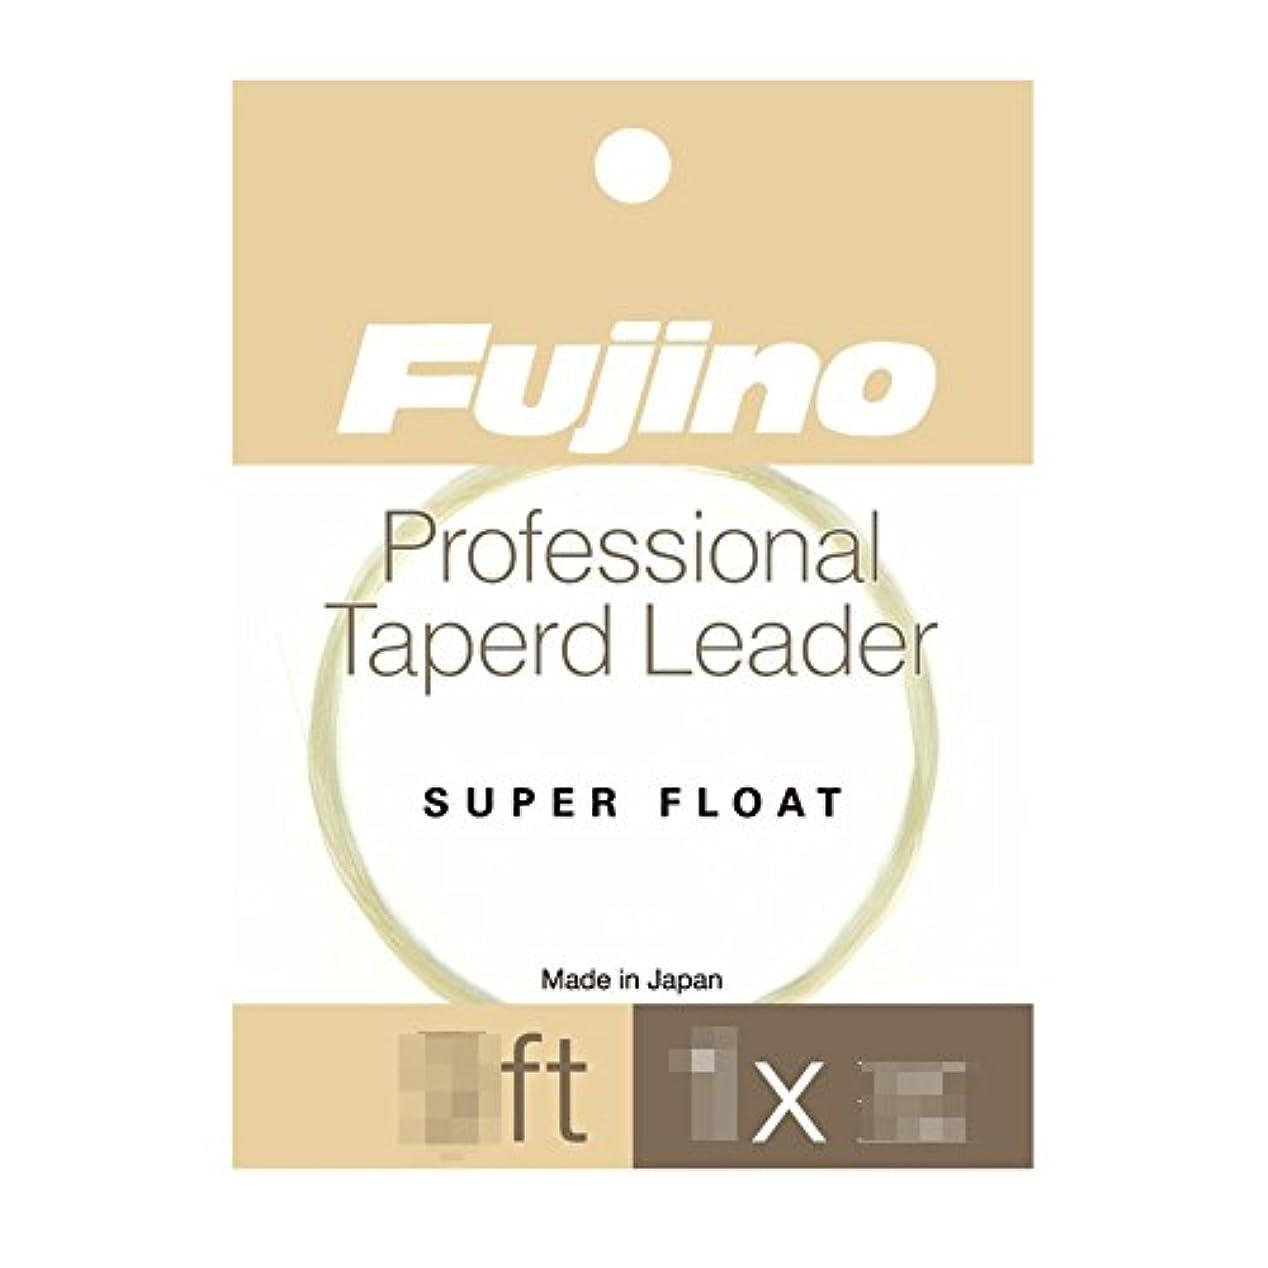 住人調整可能畝間Fujino(フジノ) スーパーフロートリーダー 12ft 7X